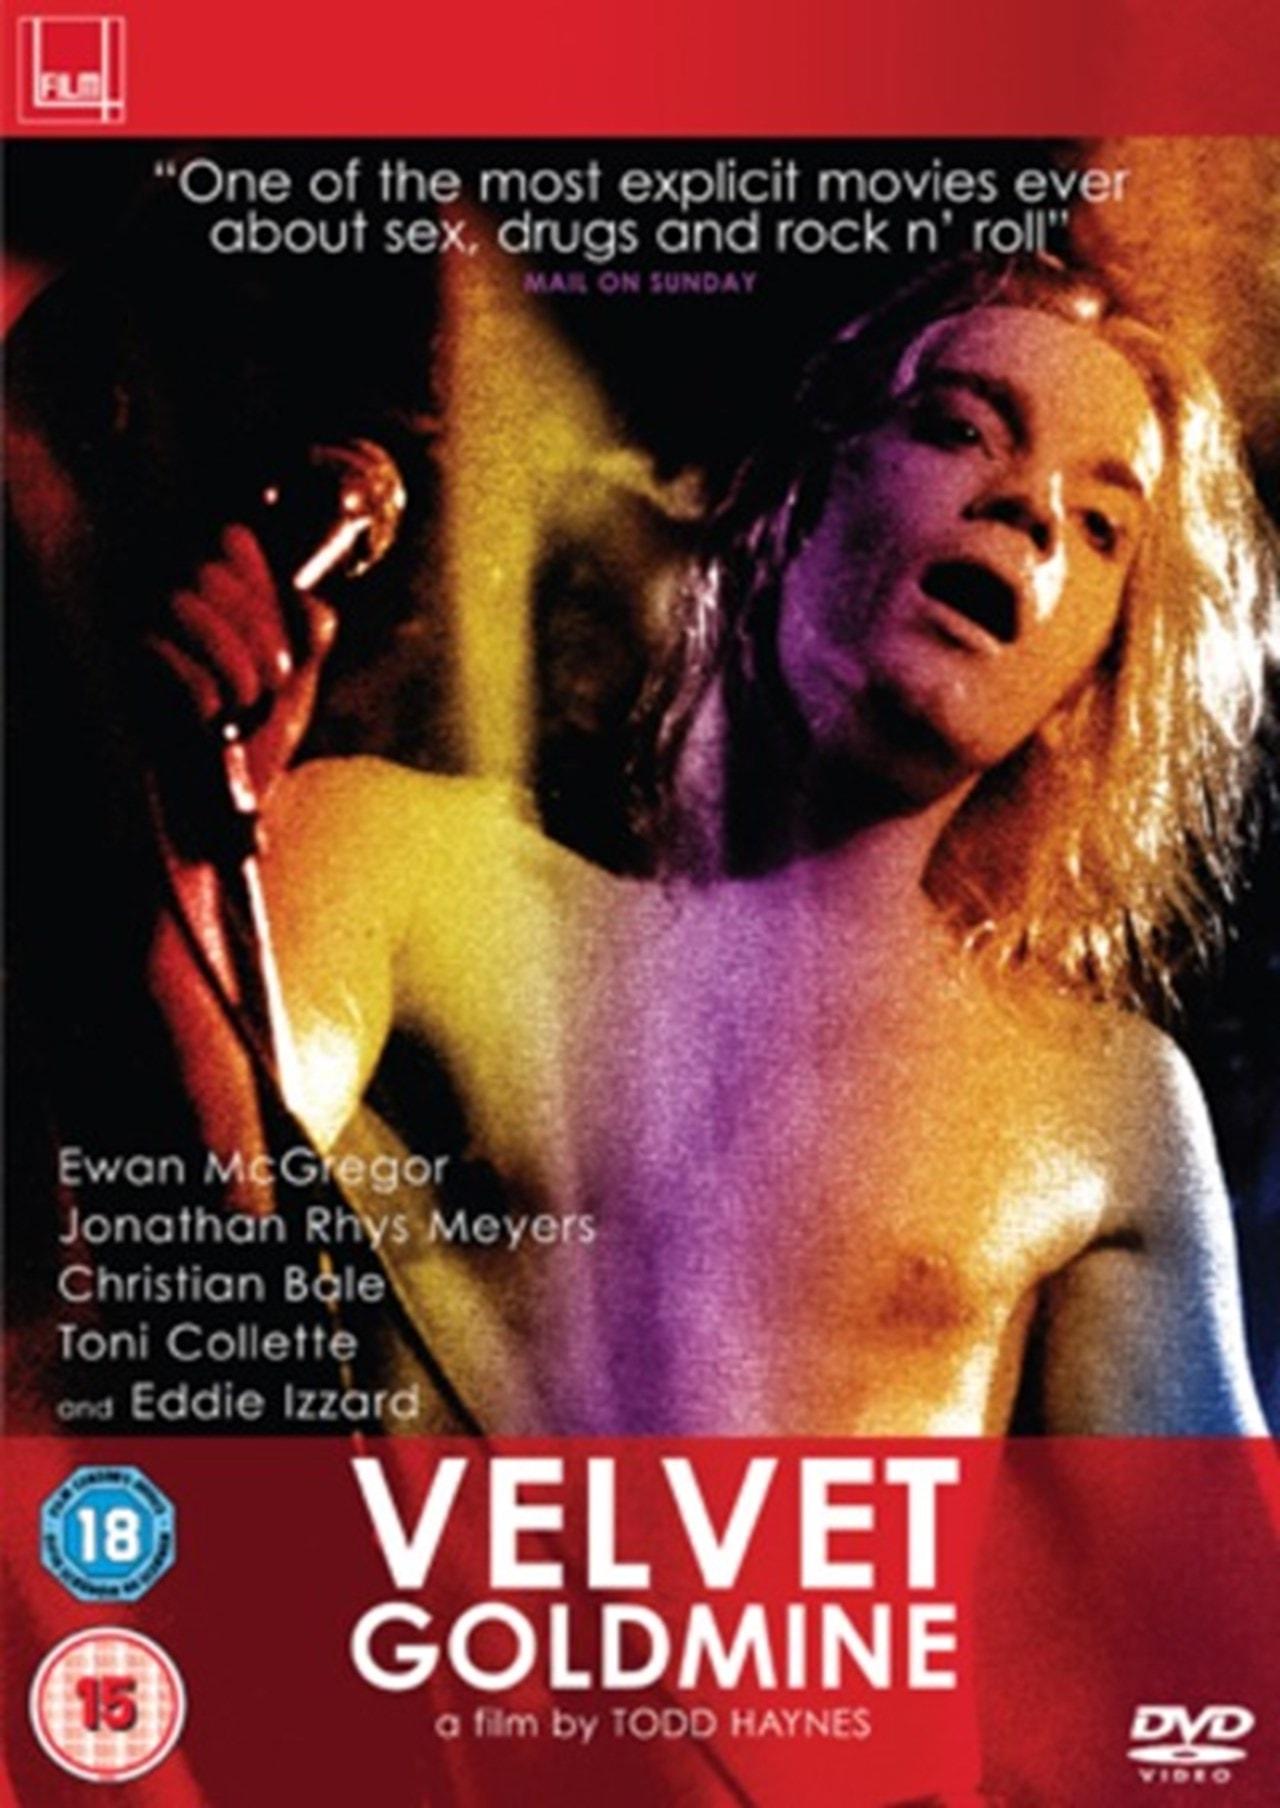 Velvet Goldmine - 1